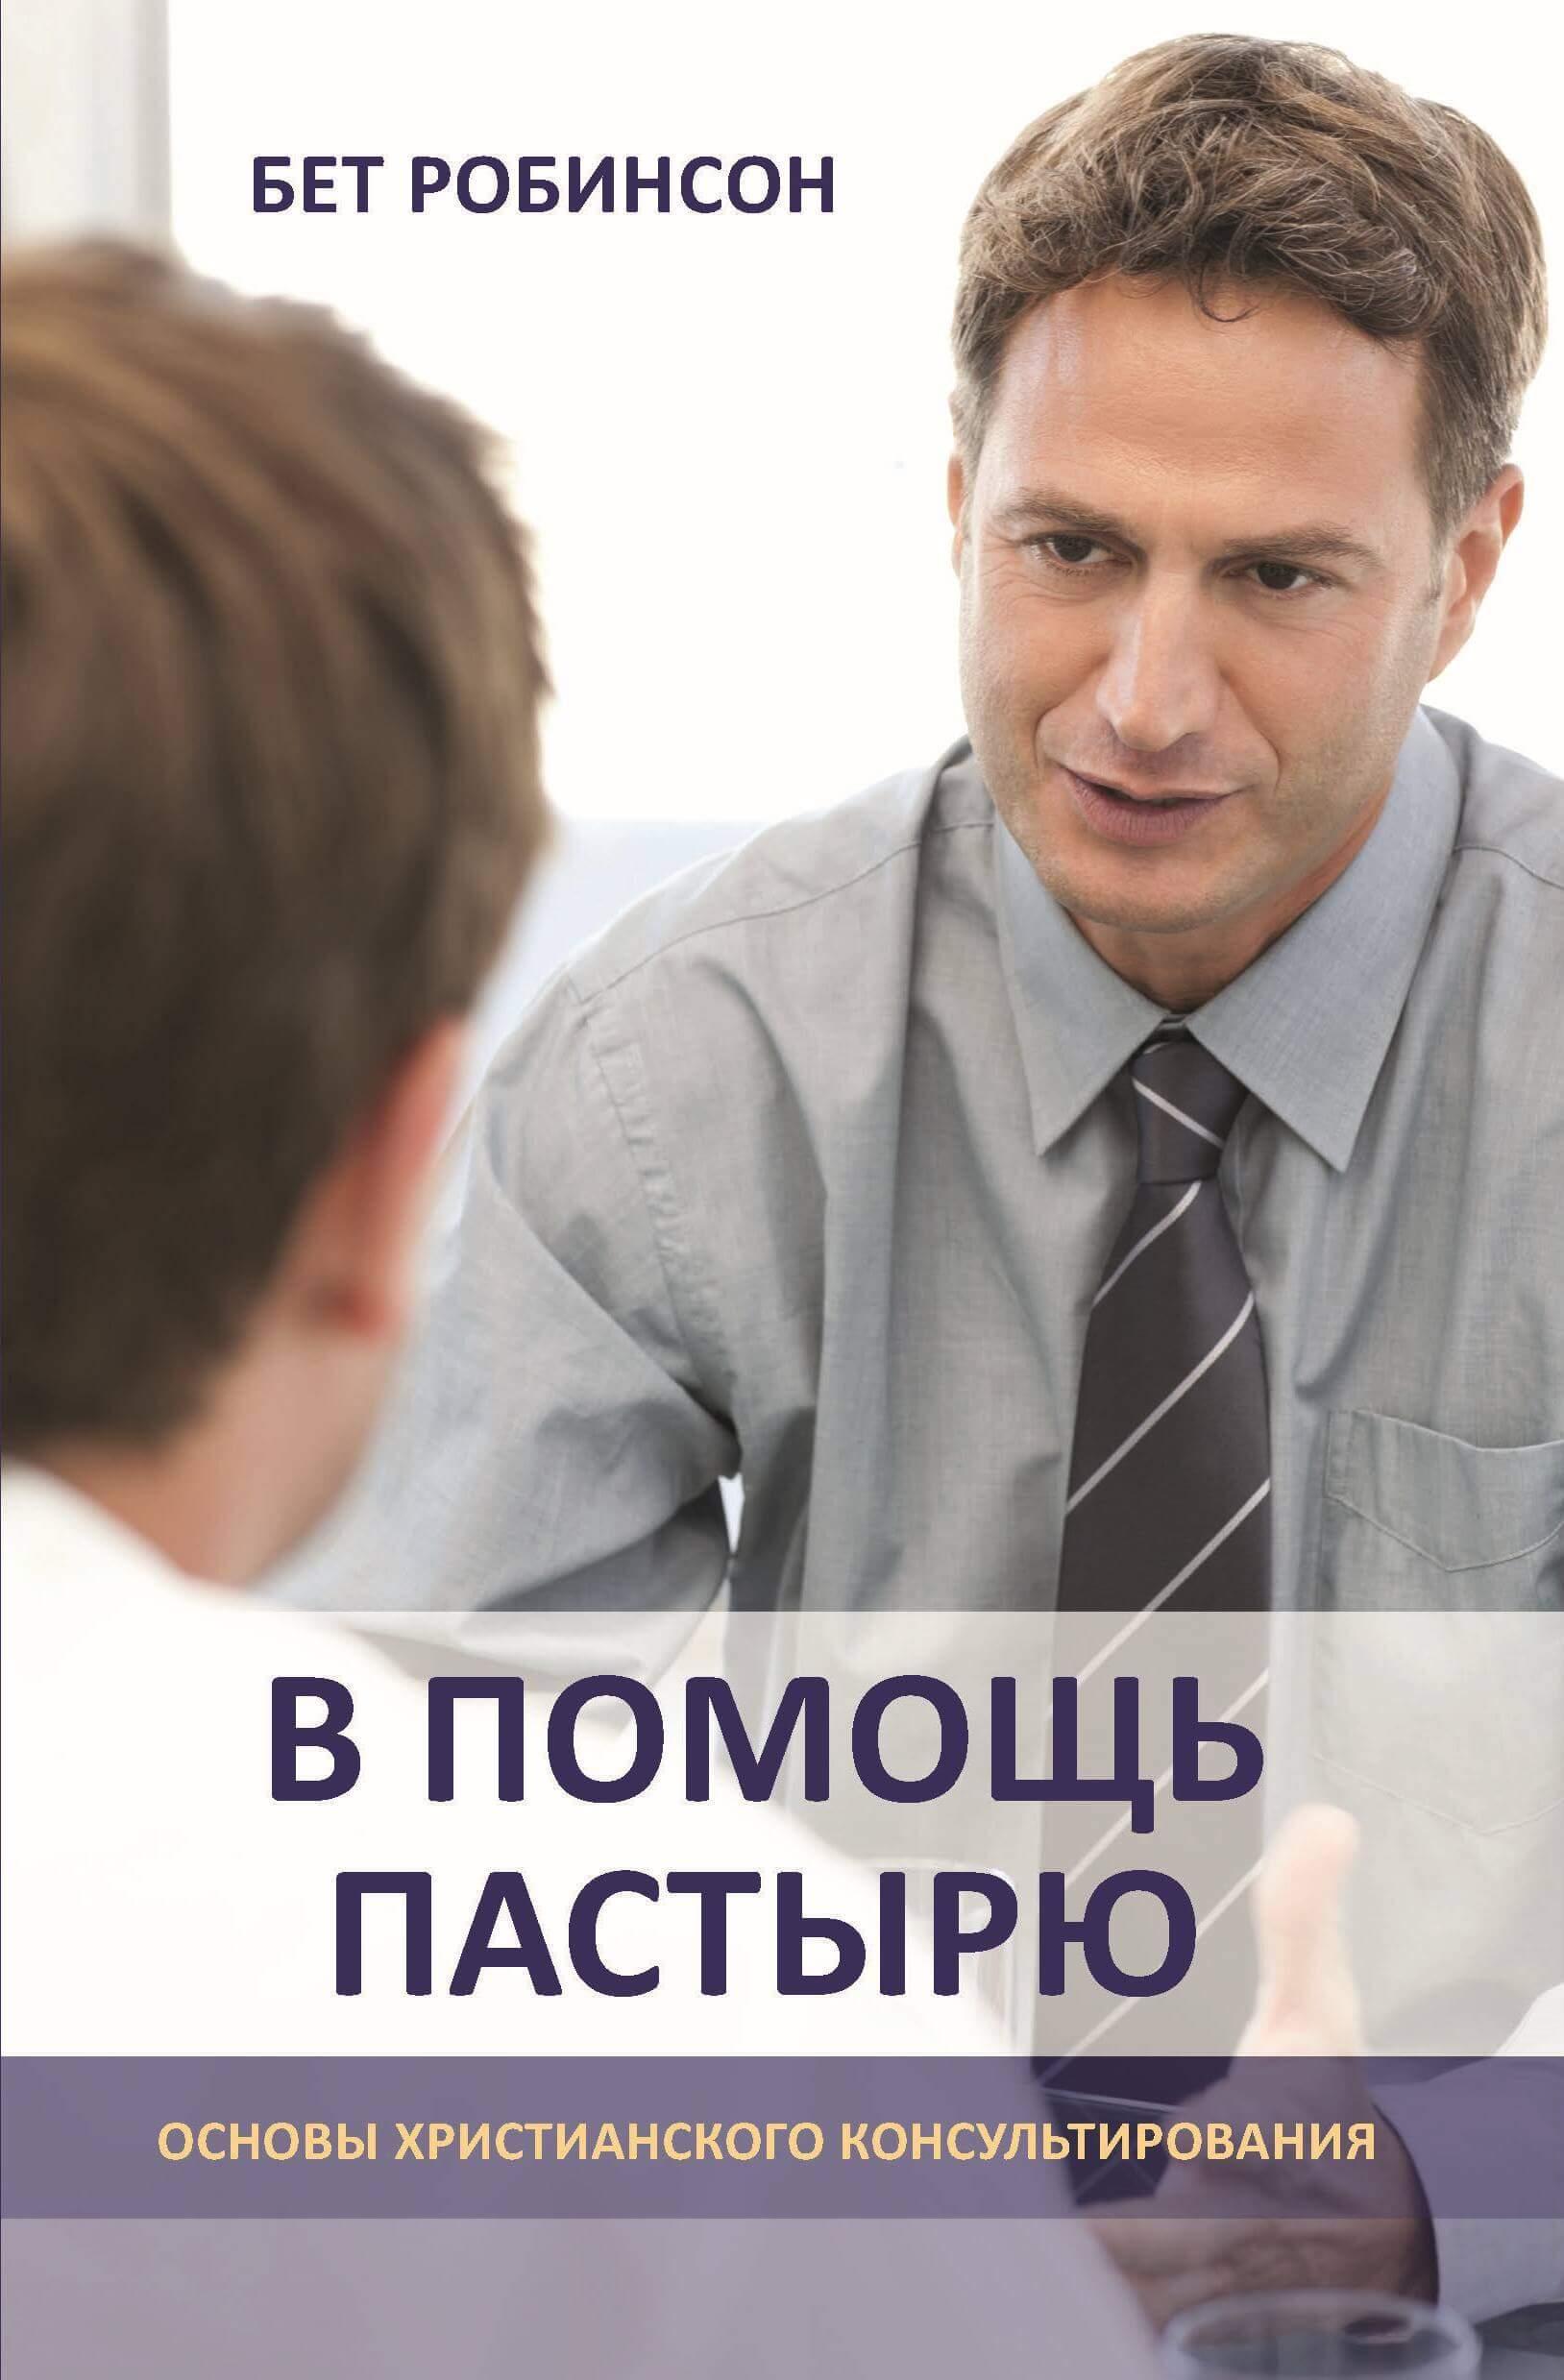 В ПОМОЩЬ ПАСТЫРЮ (A Shepherd's Guide to Counseling Fundamentals)